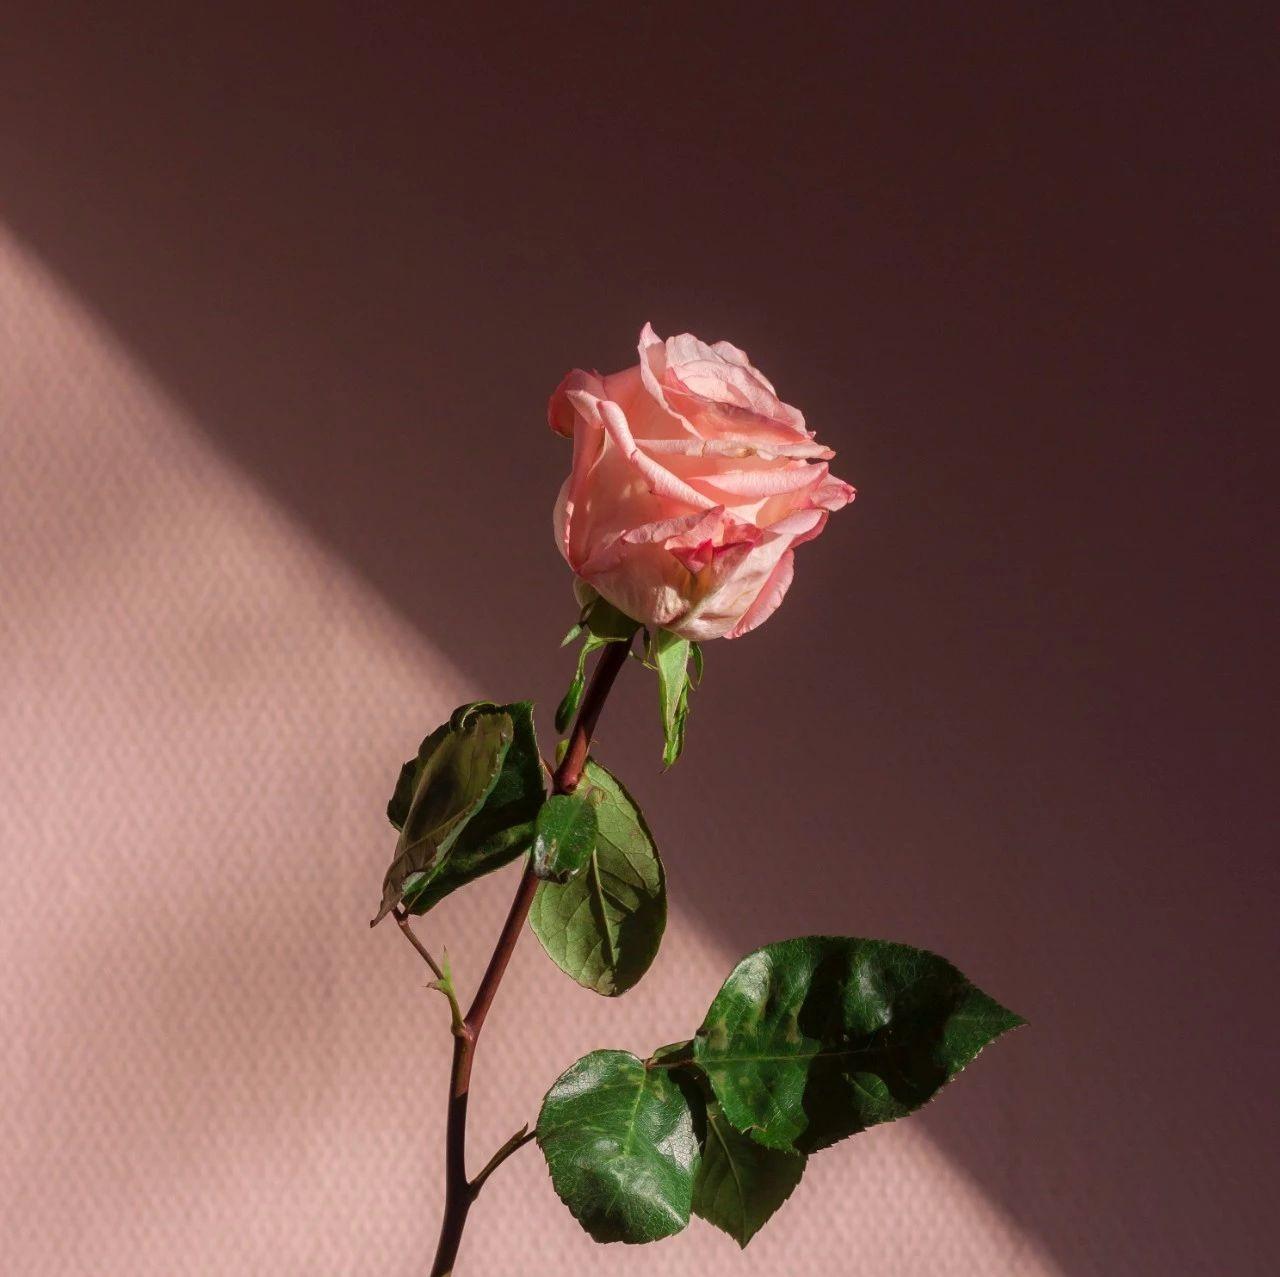 这个关于春招必考的爱情故事,写出了贝叶斯的前世今生